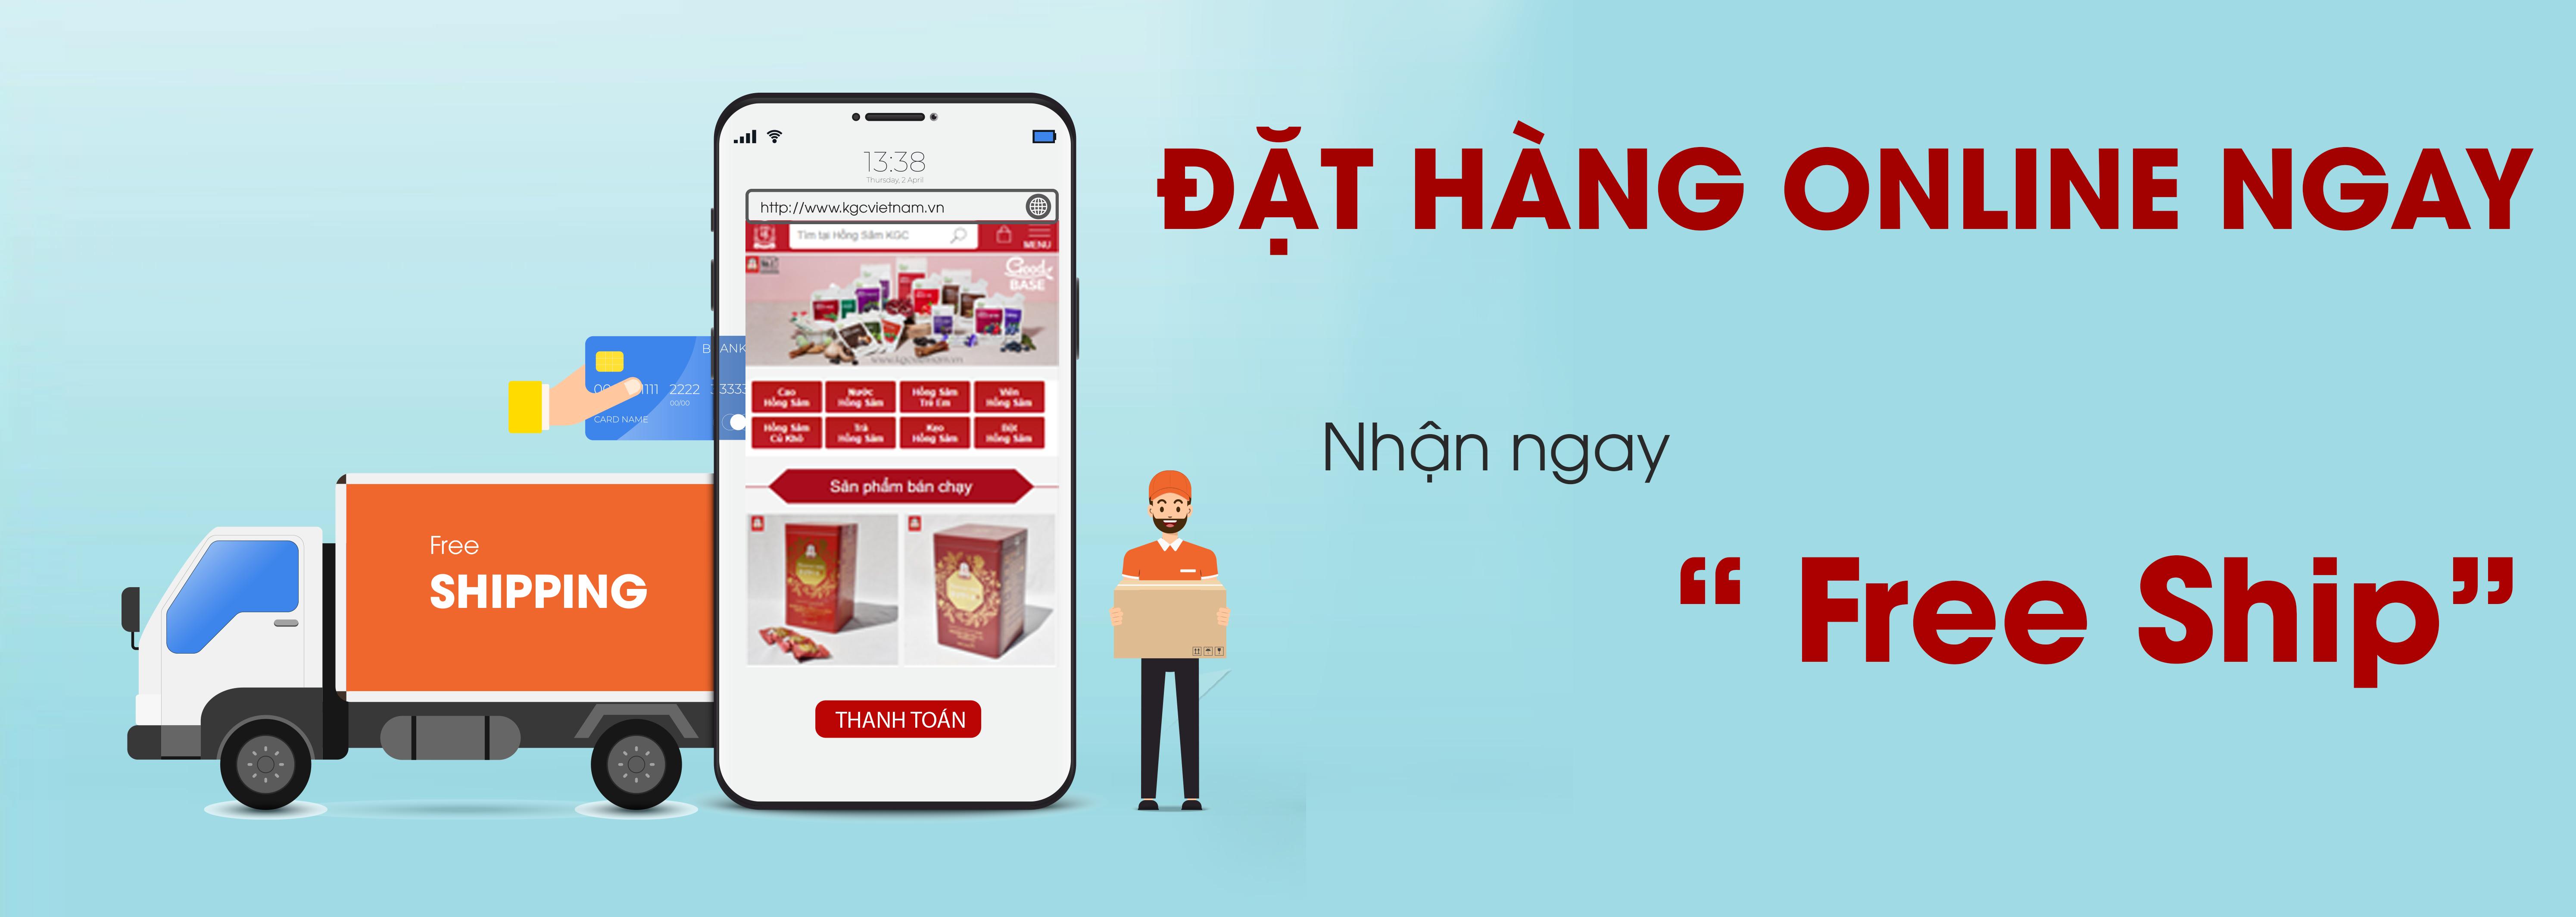 Banner home đặt hàng online ngay nhận ngay free ship